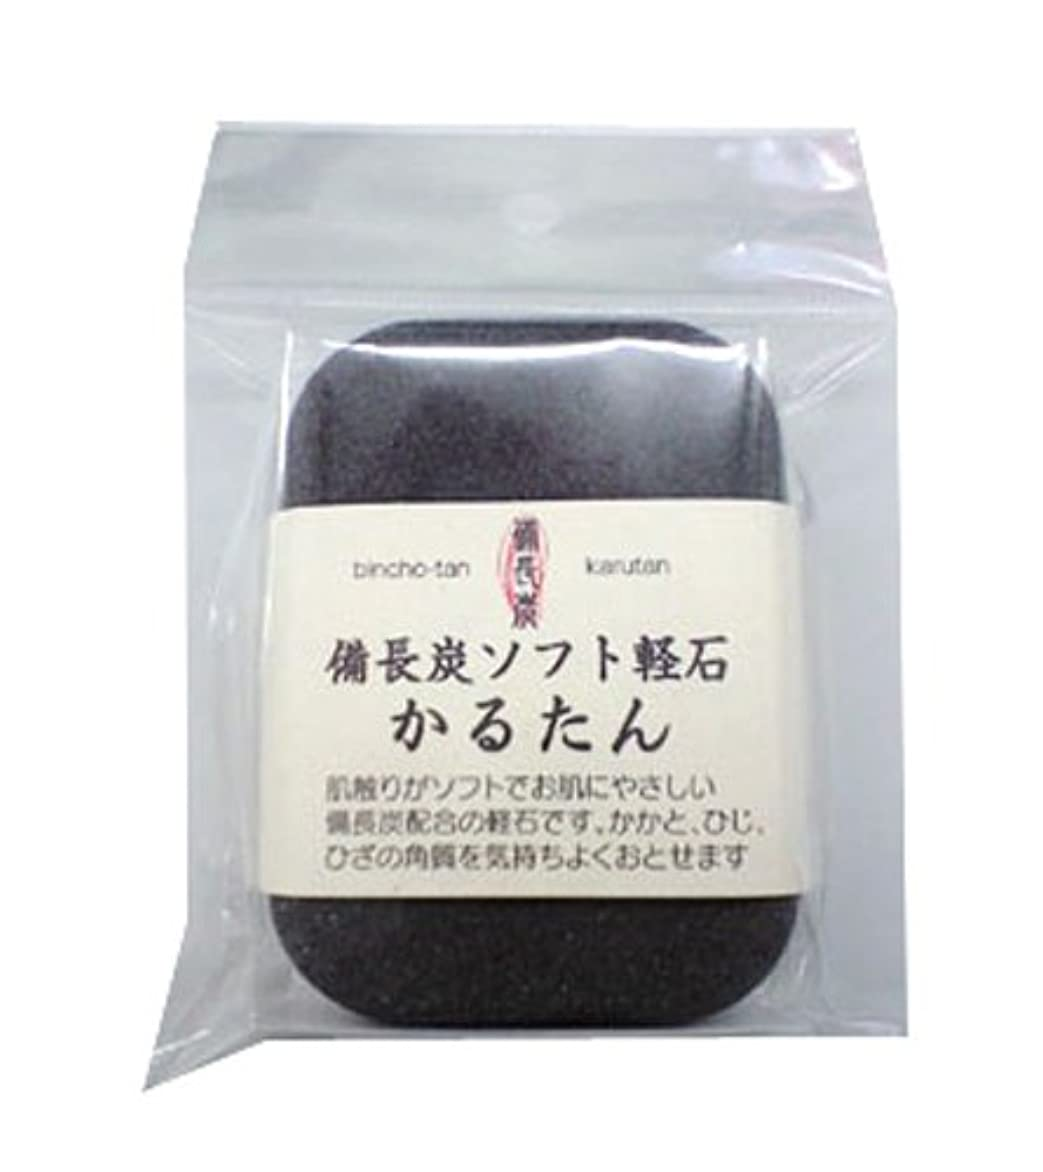 発言する花弁原始的な備長炭ソフト軽石【かるたん】?3個セット?